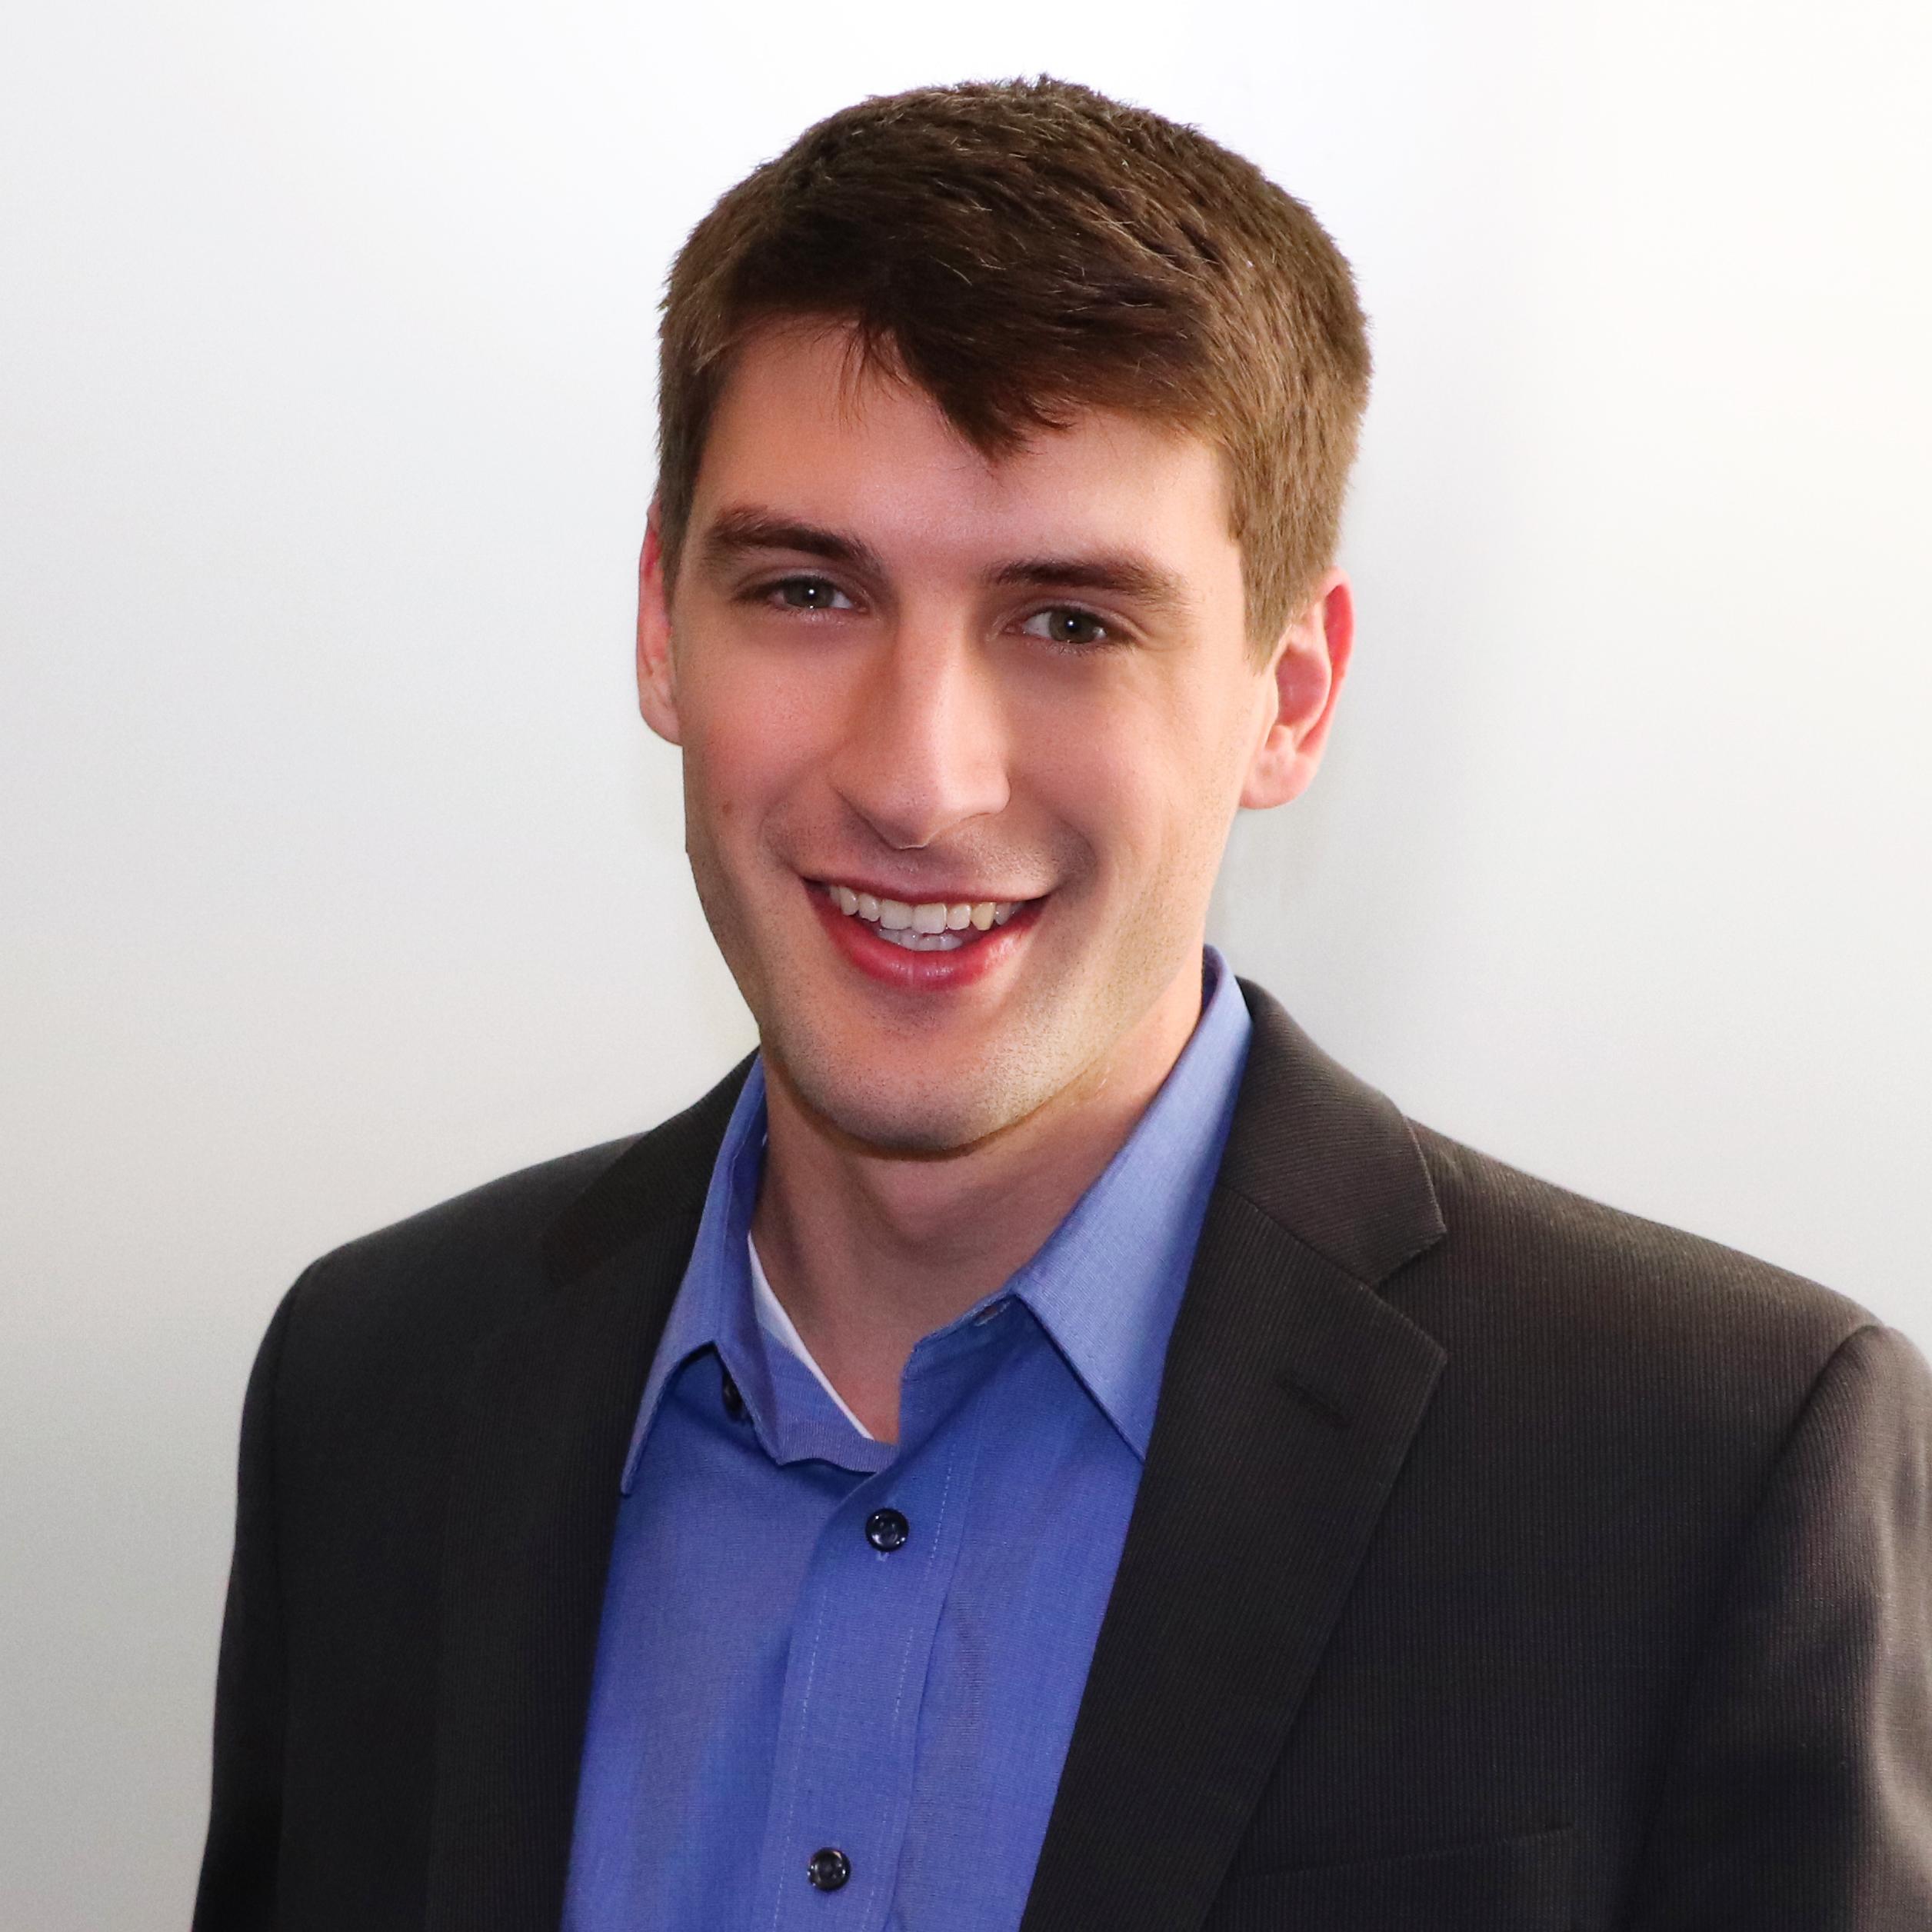 Employee Spotlight: Michael Fear